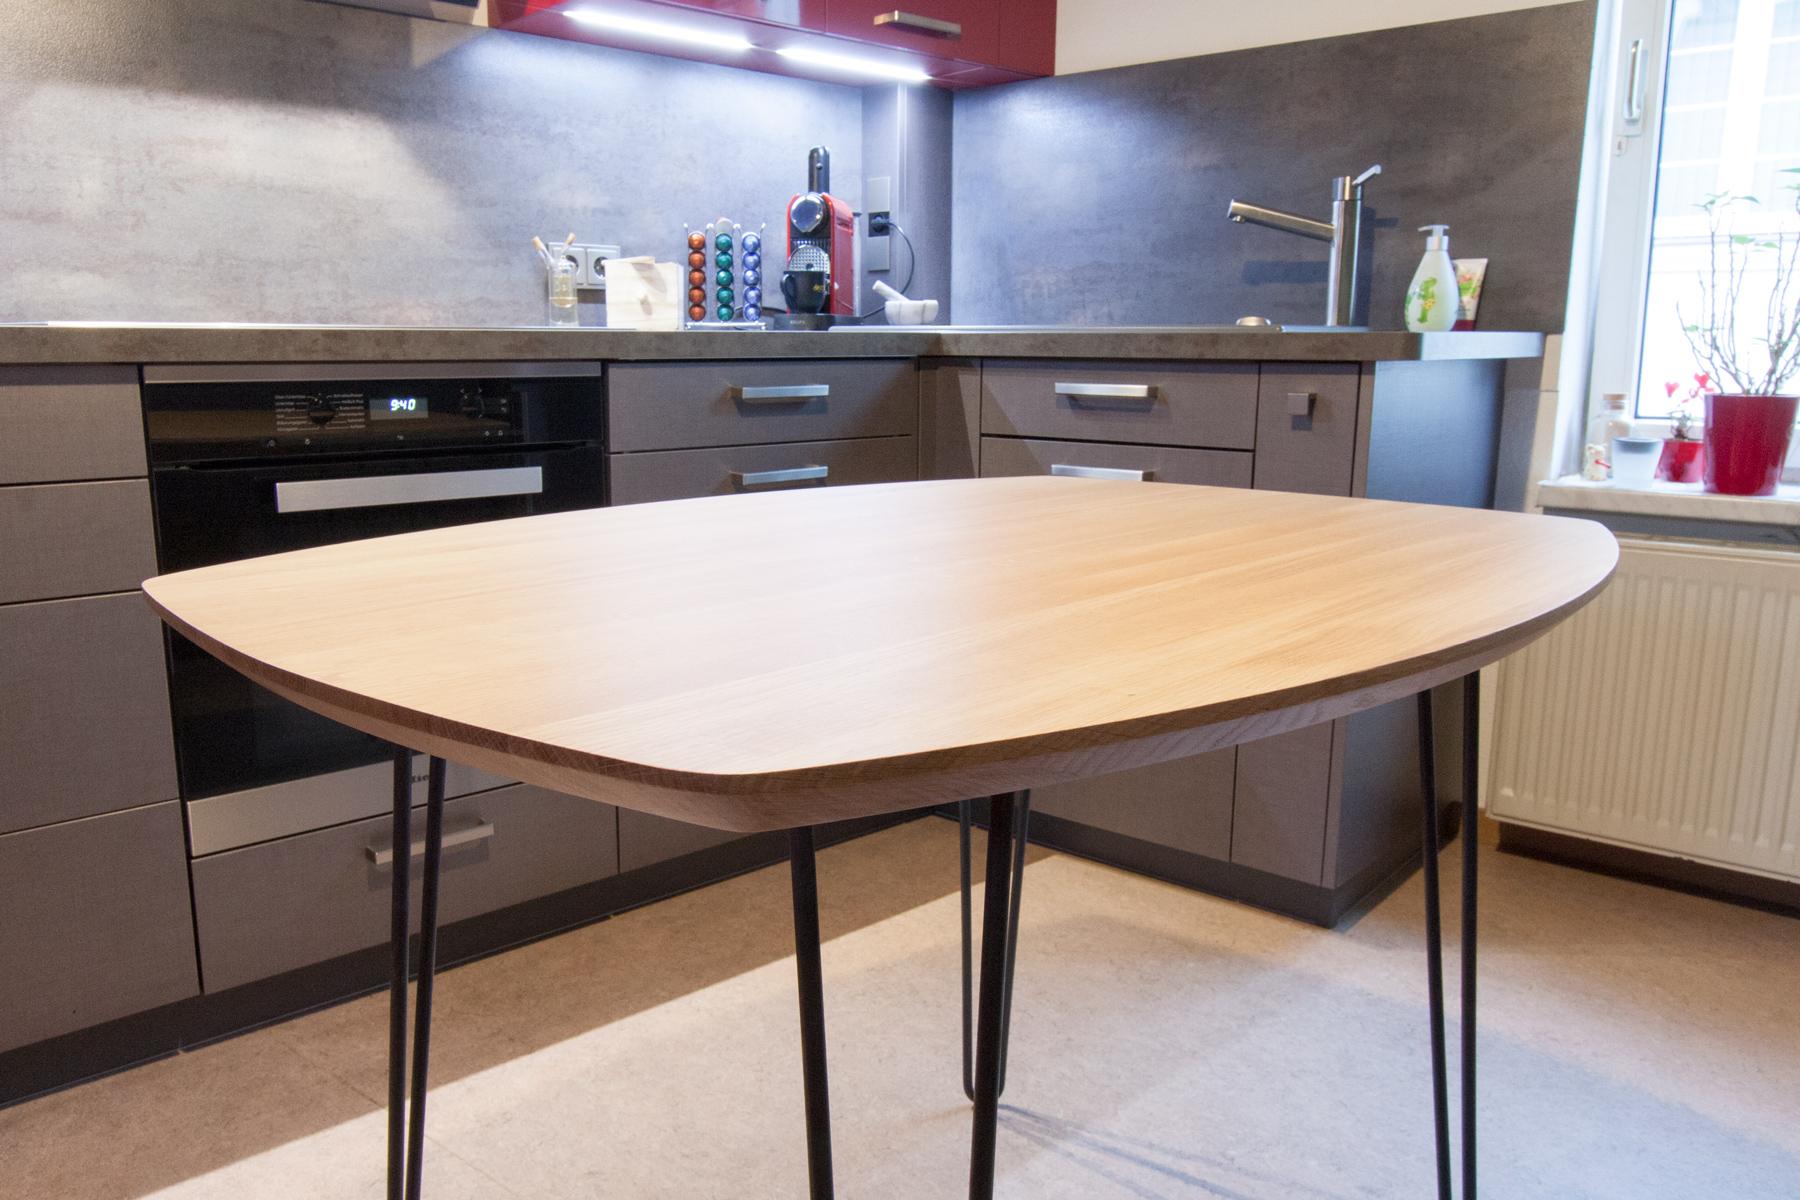 tischlerei-rossnagel-küchentisch-2.jpg